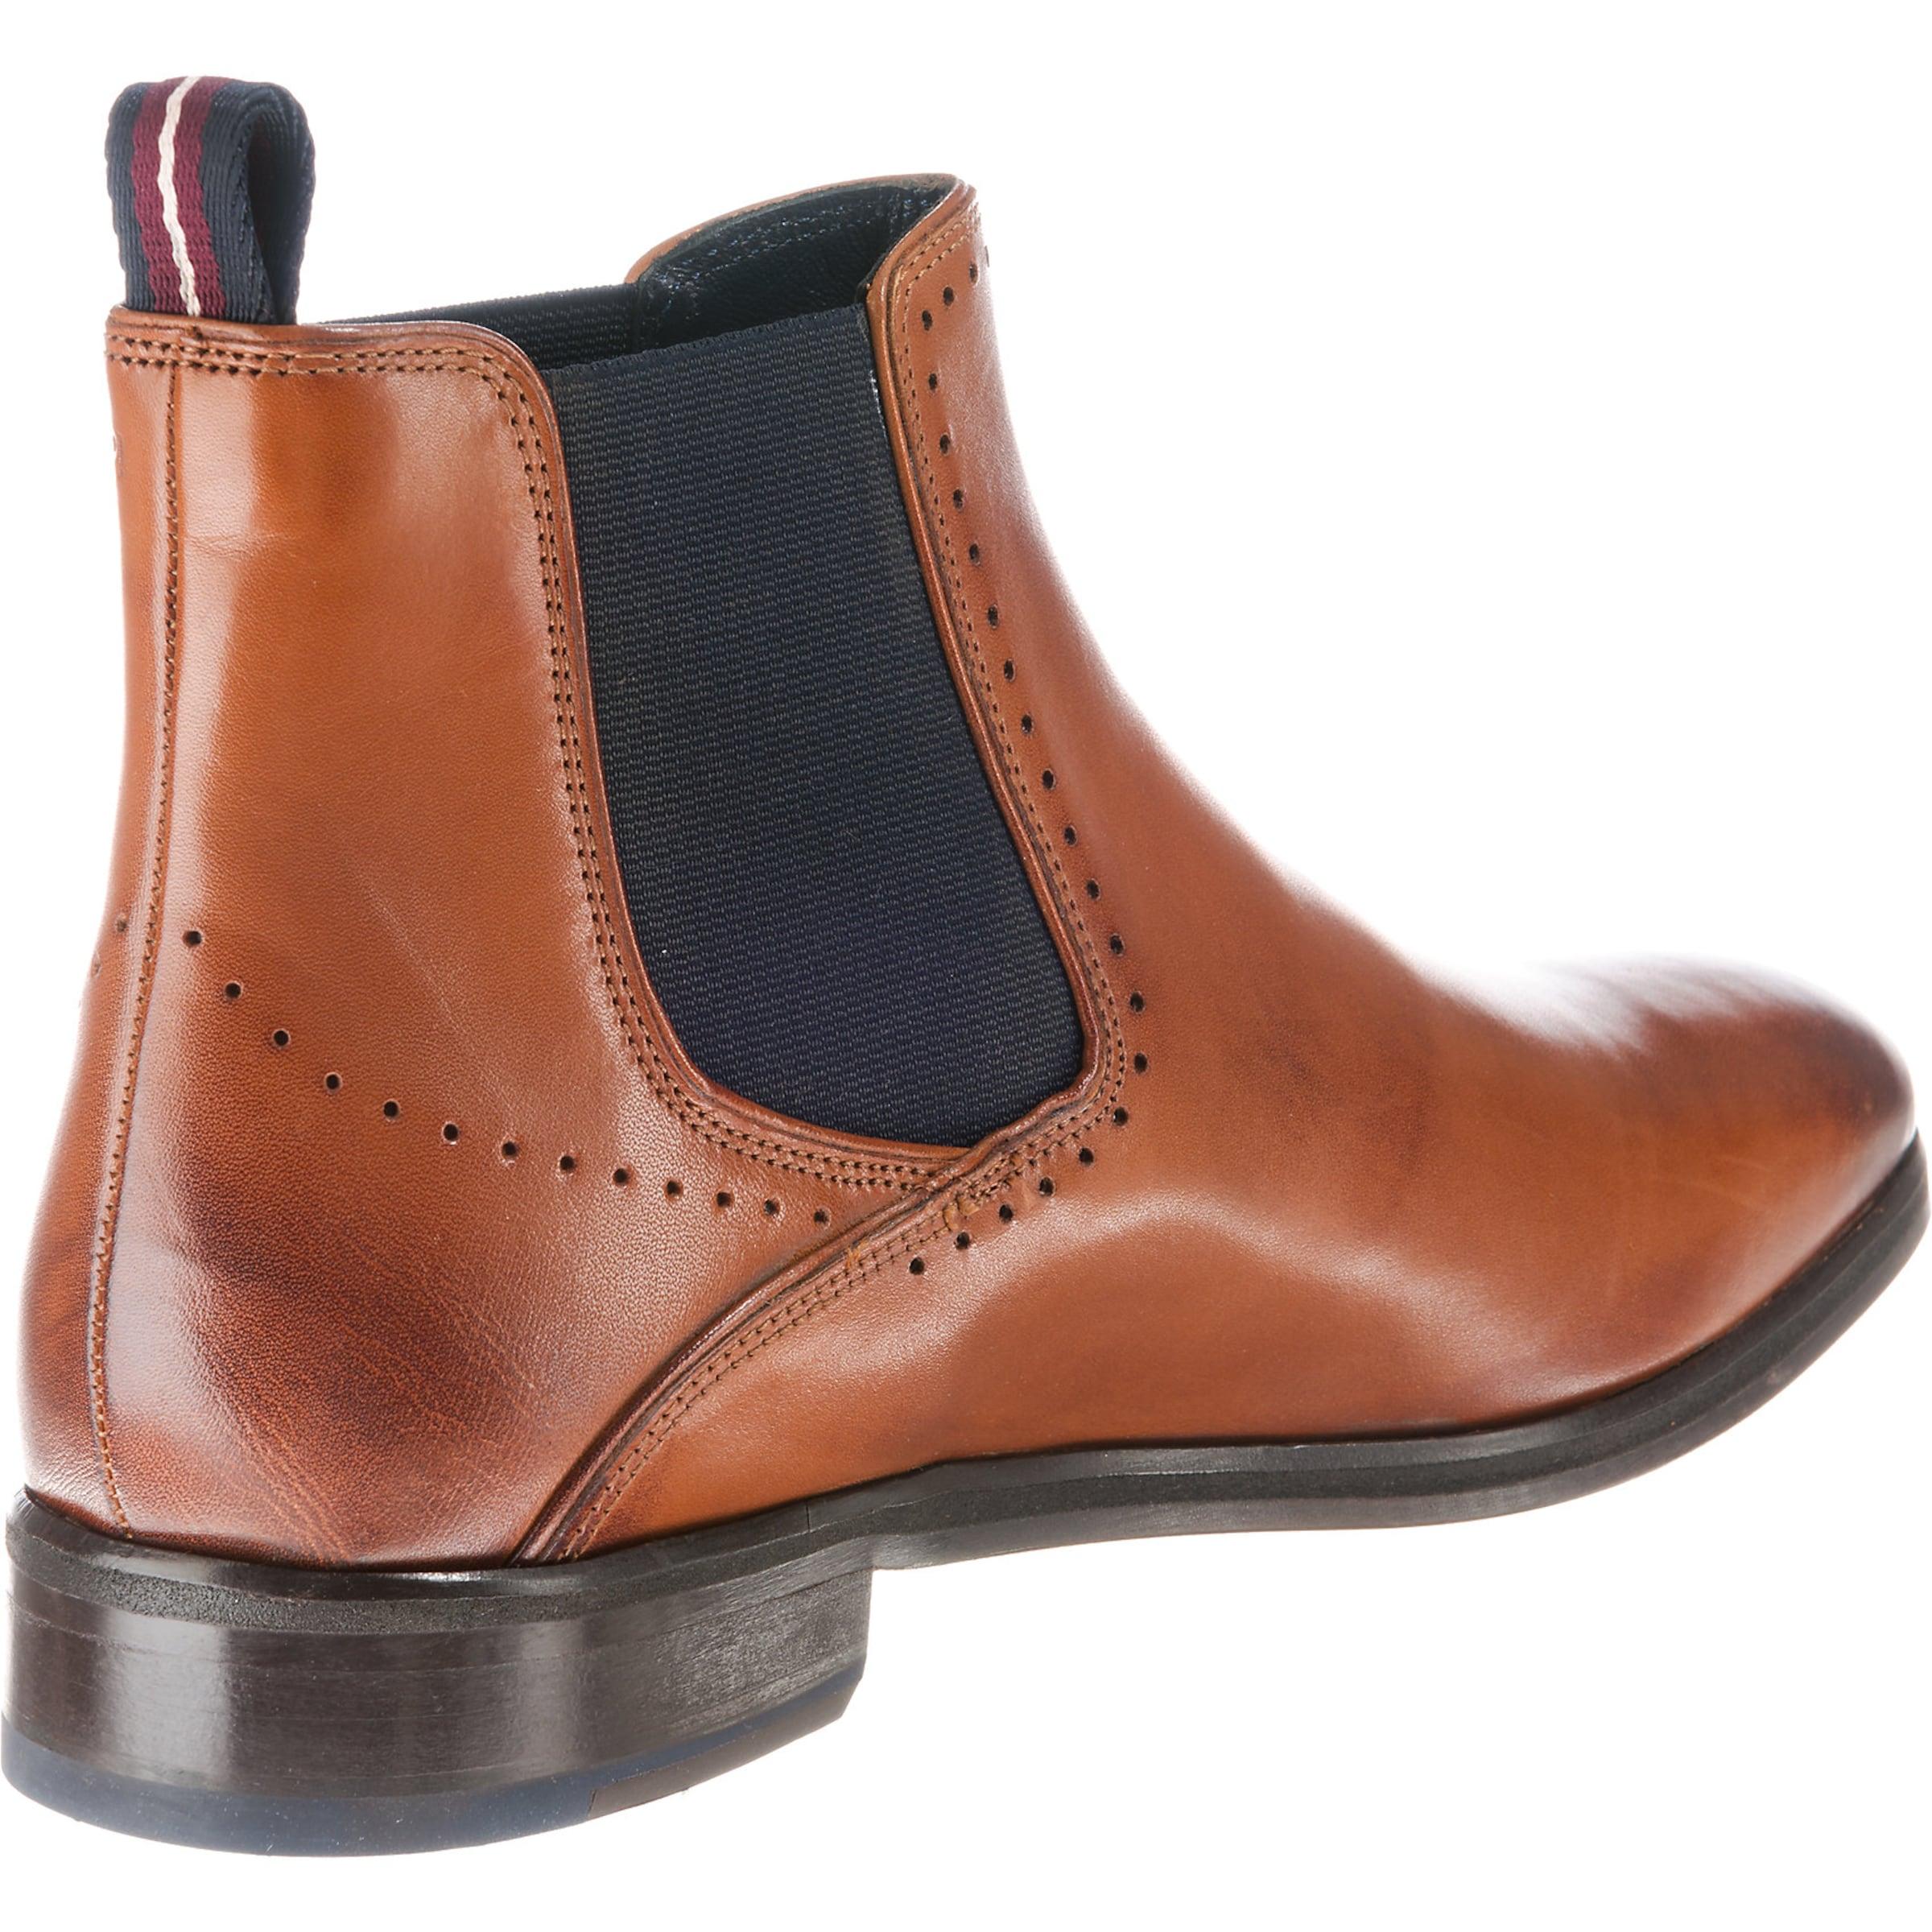 CognacSchwarz In CognacSchwarz Boots Boots JoopChelsea Boots In In CognacSchwarz JoopChelsea JoopChelsea JoopChelsea MVpGqSUz